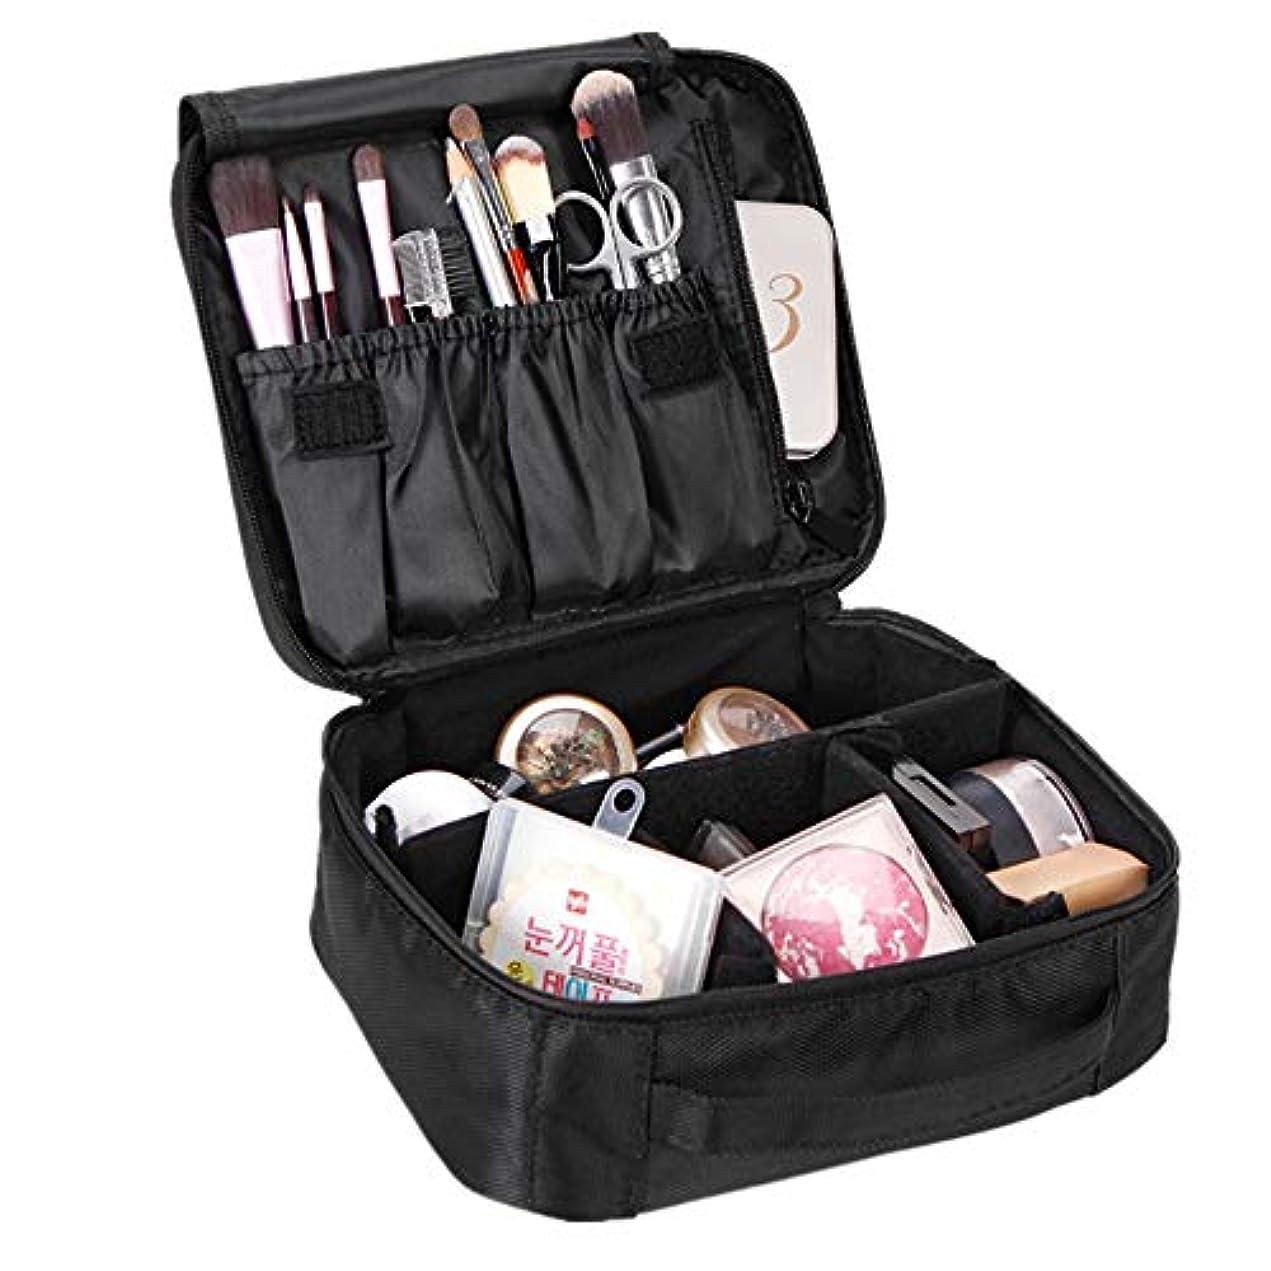 再生的つかまえるのり特大スペース収納ビューティーボックス トラベルメイクアップバッグ - プレミアムベジタリアンデザイナーメイクアップバッグレディーストレインカバー - 3つの化粧品バッグ、化粧品バッグまたは化粧品バッグ(黒と赤のオプション...